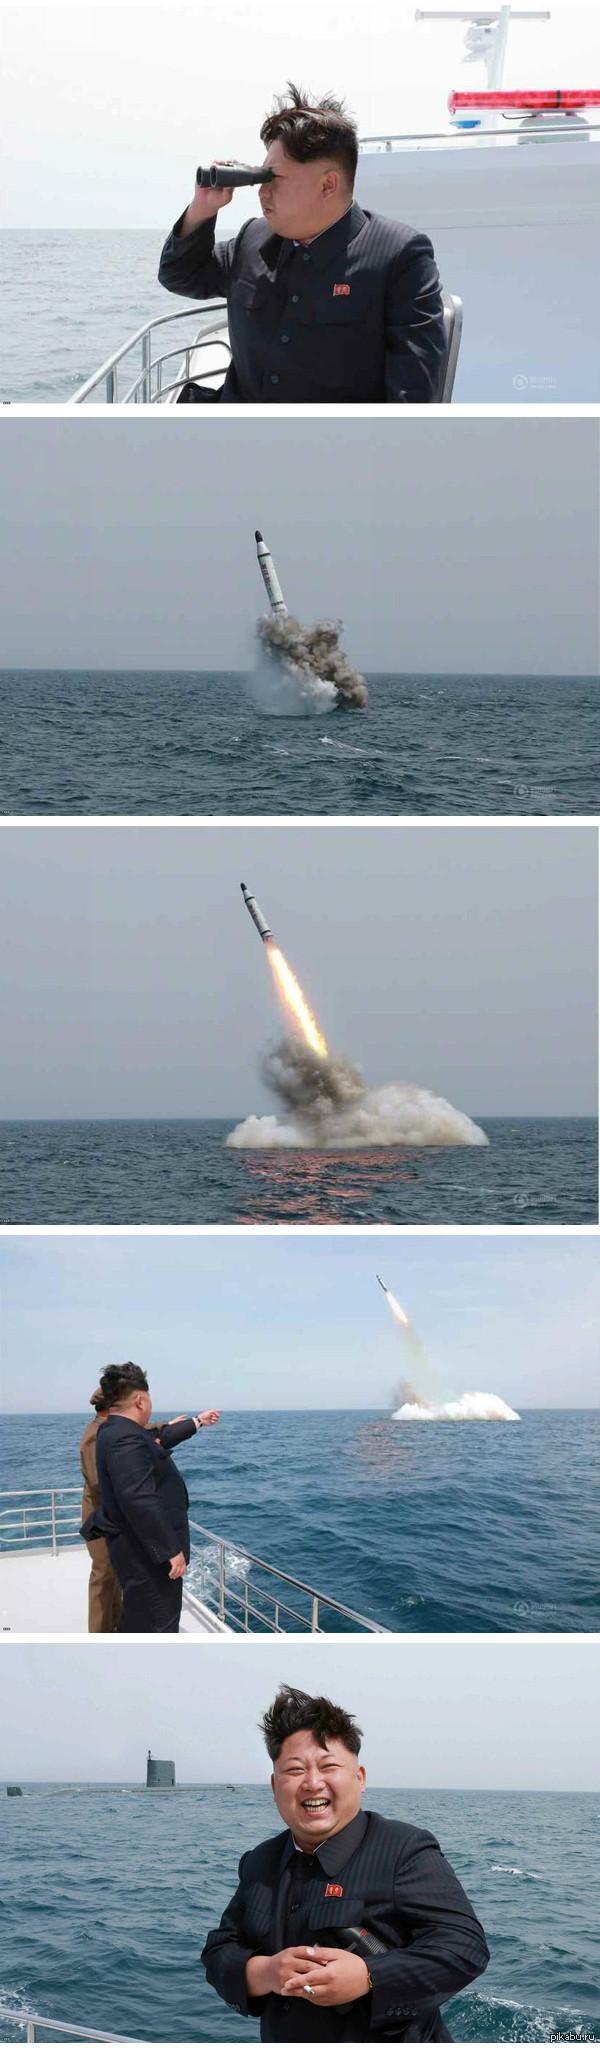 Северная Корея. Испытания баллистической ракеты подводного базирования Говорят им жрать нечего, тотальные санкции. Может и так, но это не мешает им клепать такие вещи